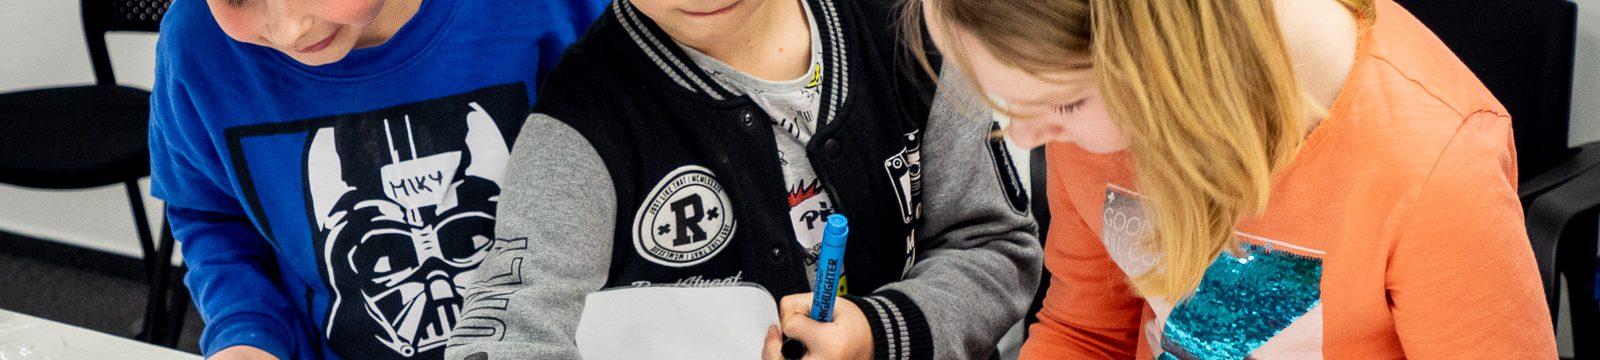 Návrh opatření k mírnění negativních dopadů pandemie v oblasti vzdělávání a duševního zdraví dětí